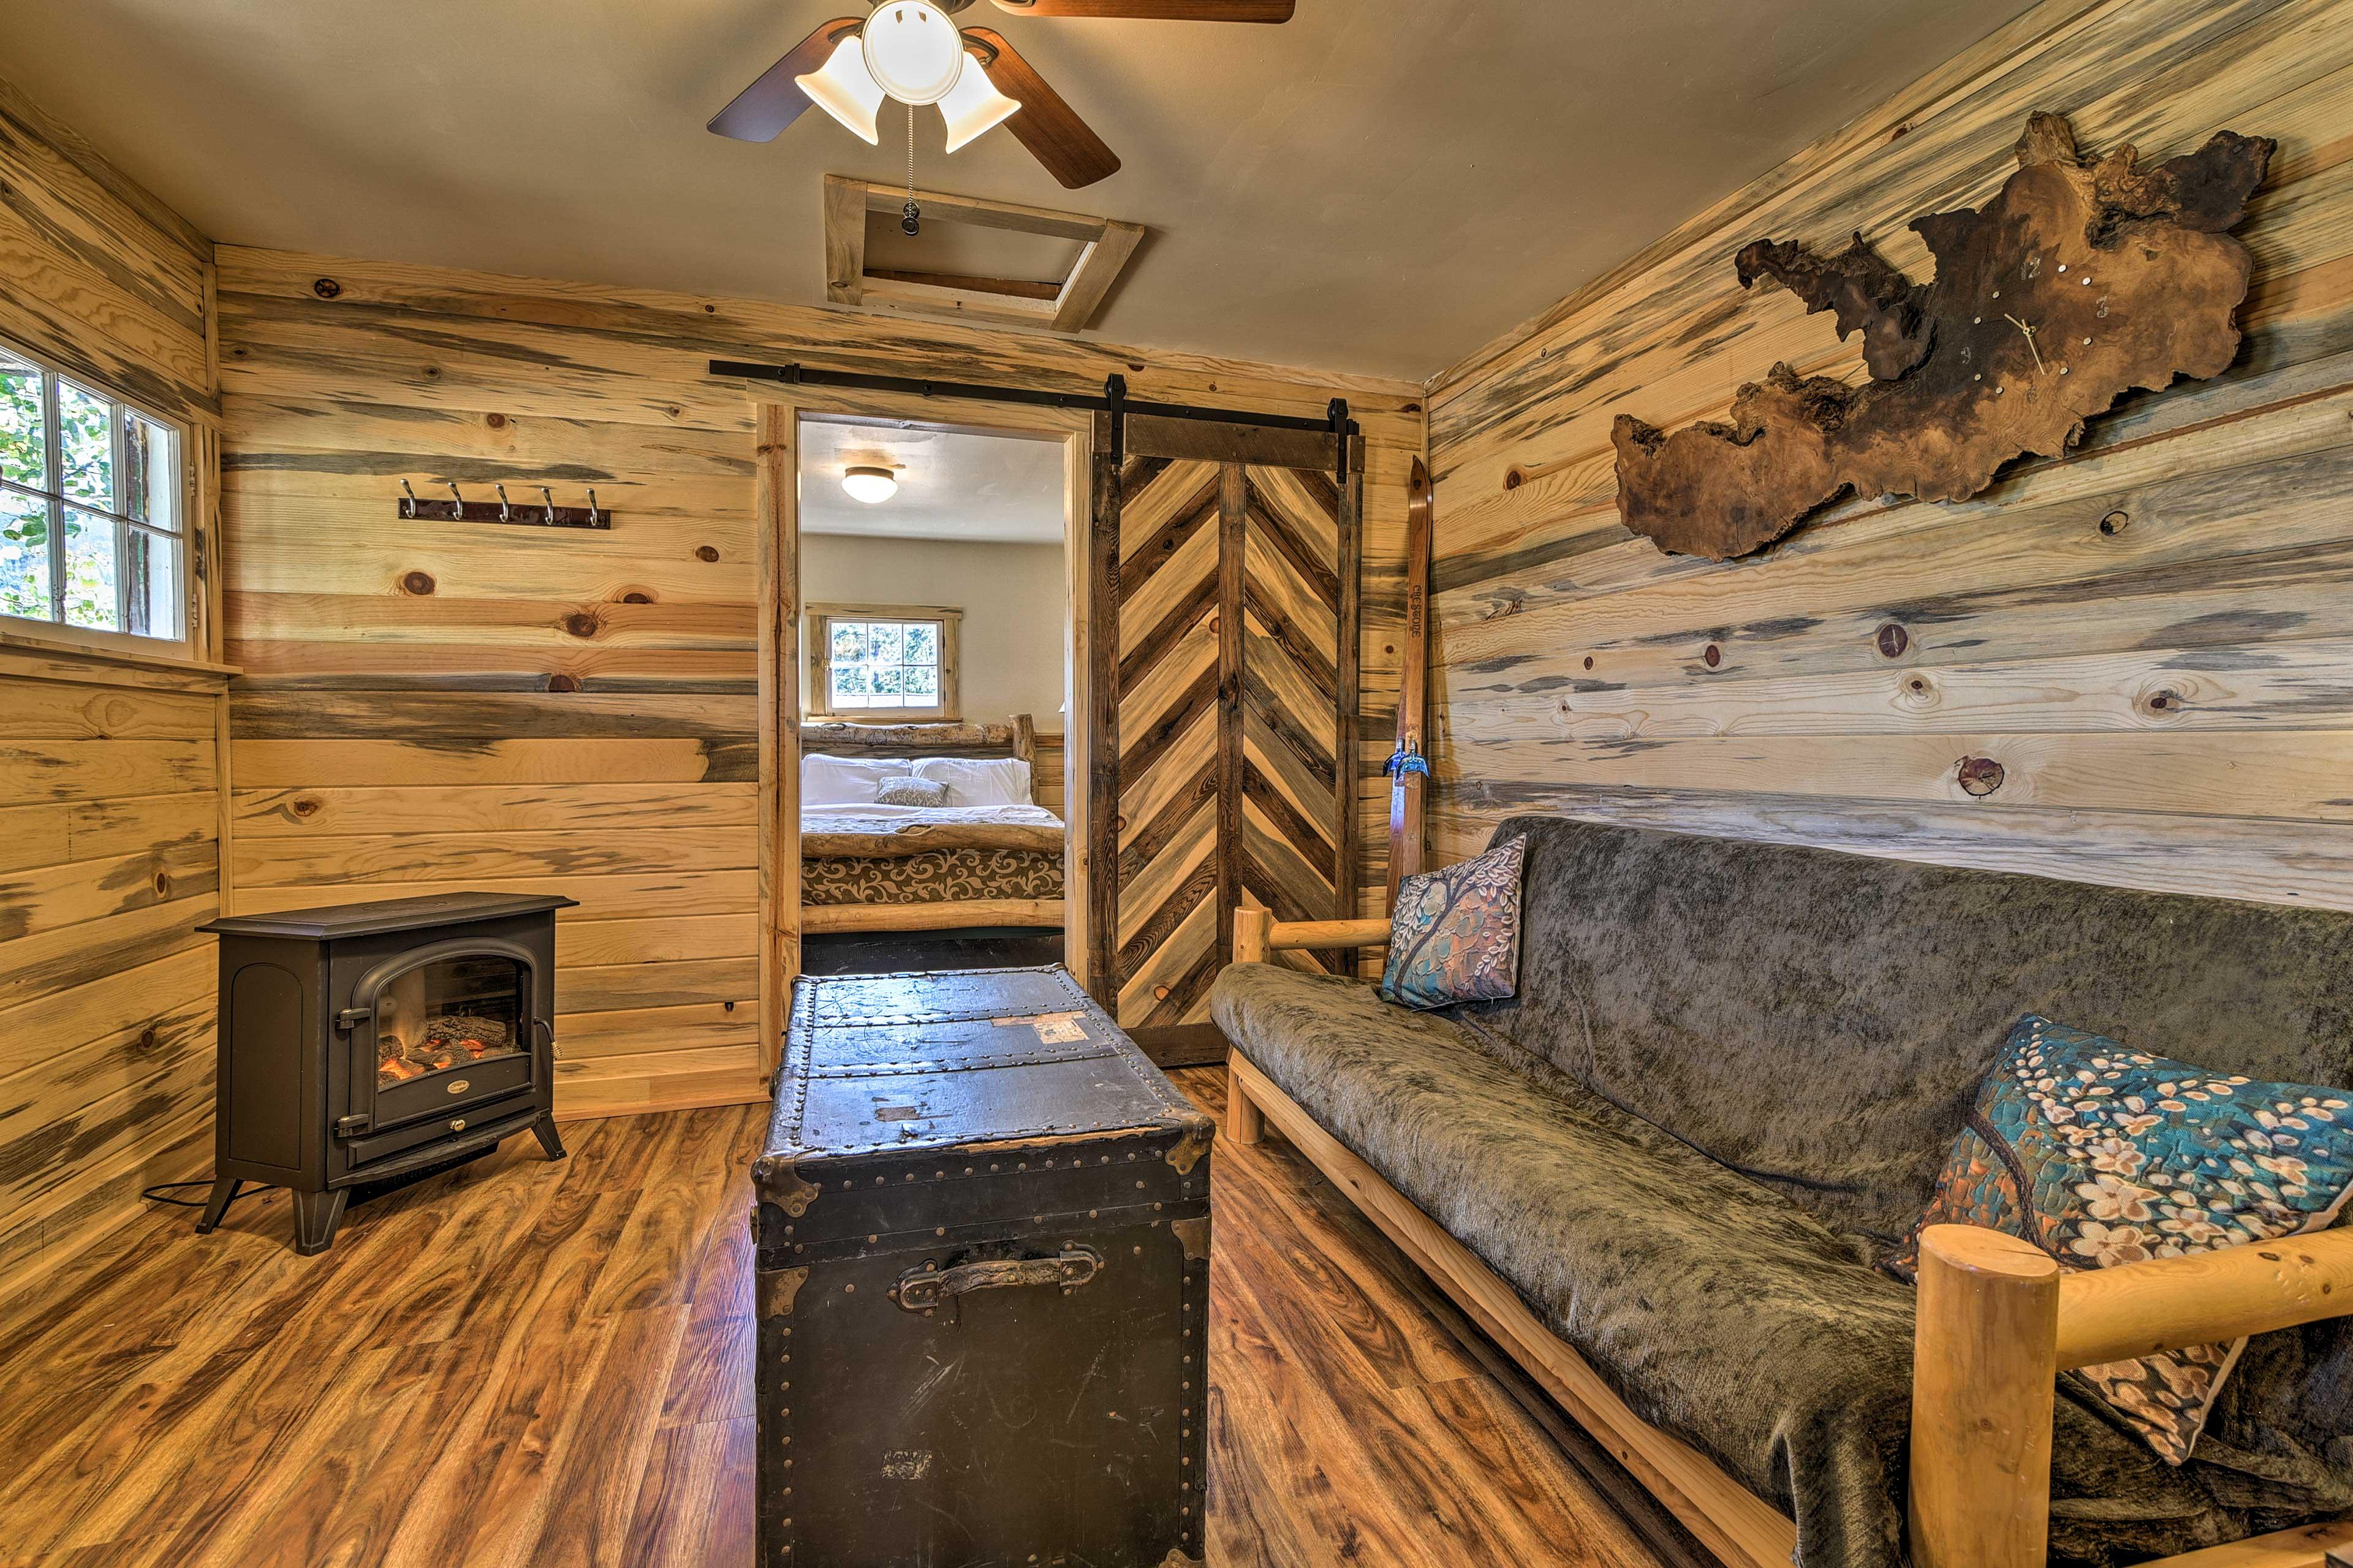 The 'Hiawatha' has 1 bedroom, 1 bathroom, and room to sleep 4 guests!